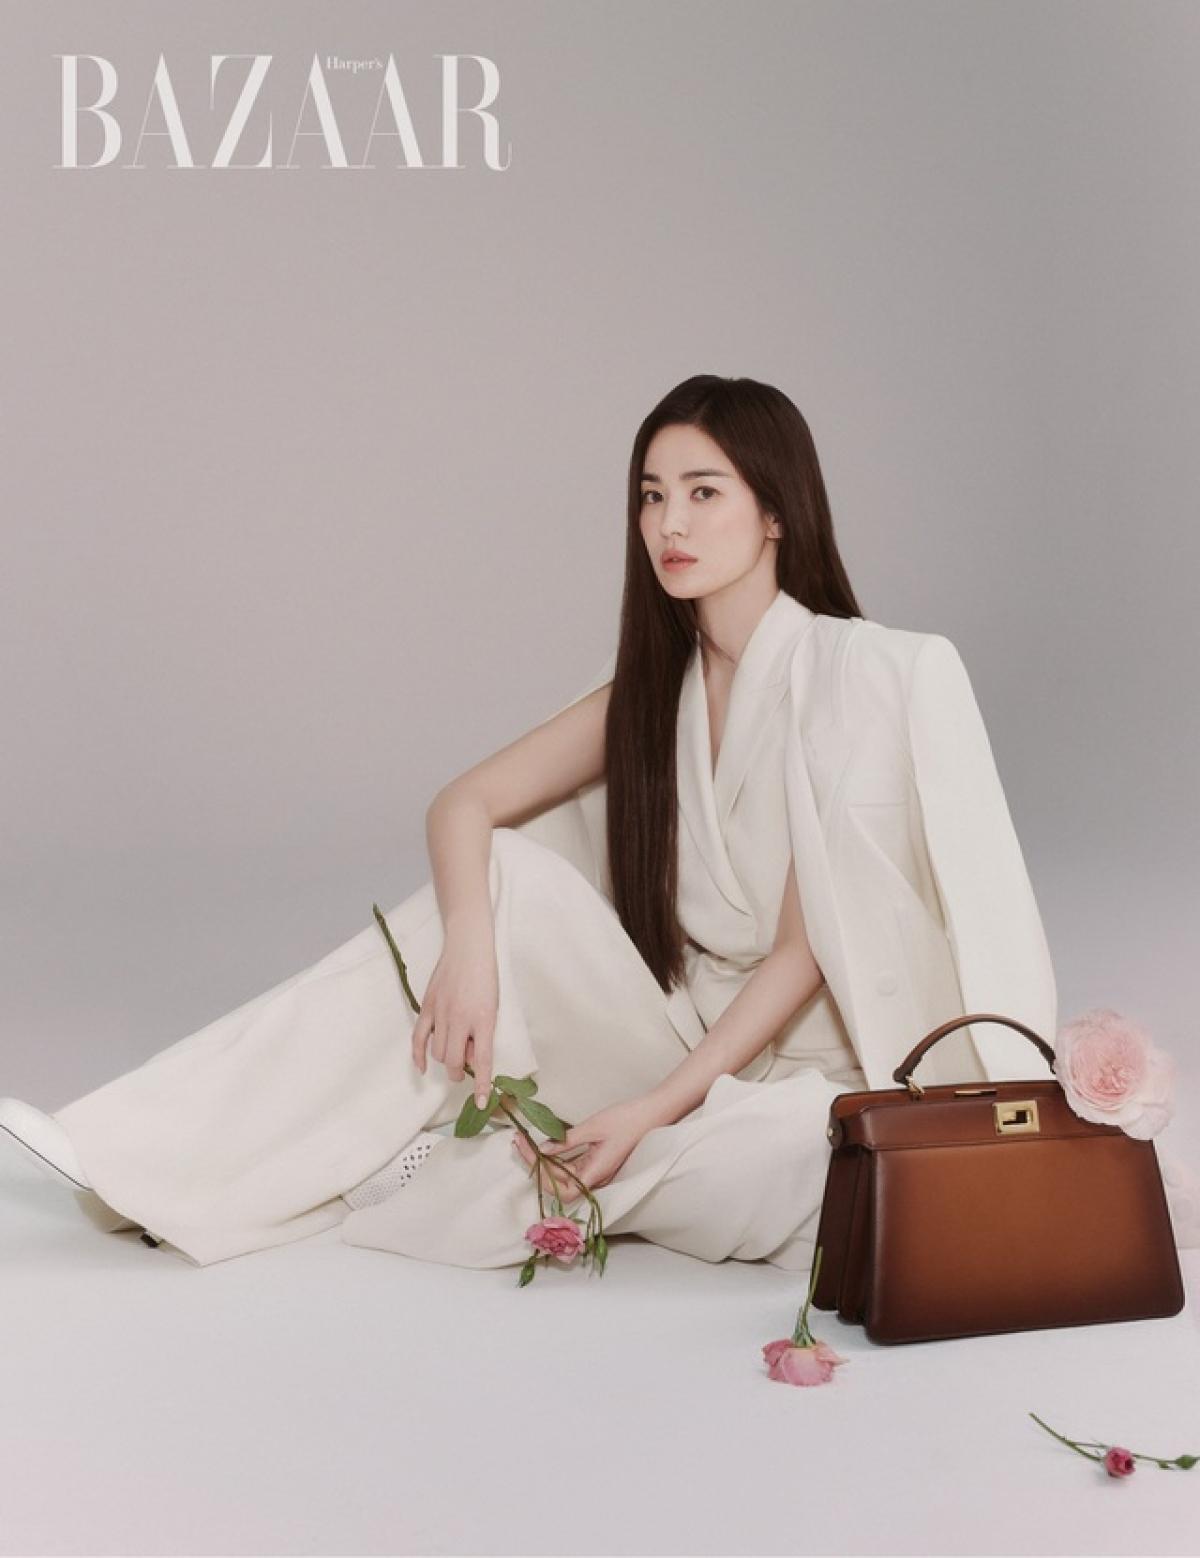 Hiếm khi lộ diện, gái độc thân Song Hye Kyo vẫn kiếm gần 100 tỷ đồng mỗi năm 1